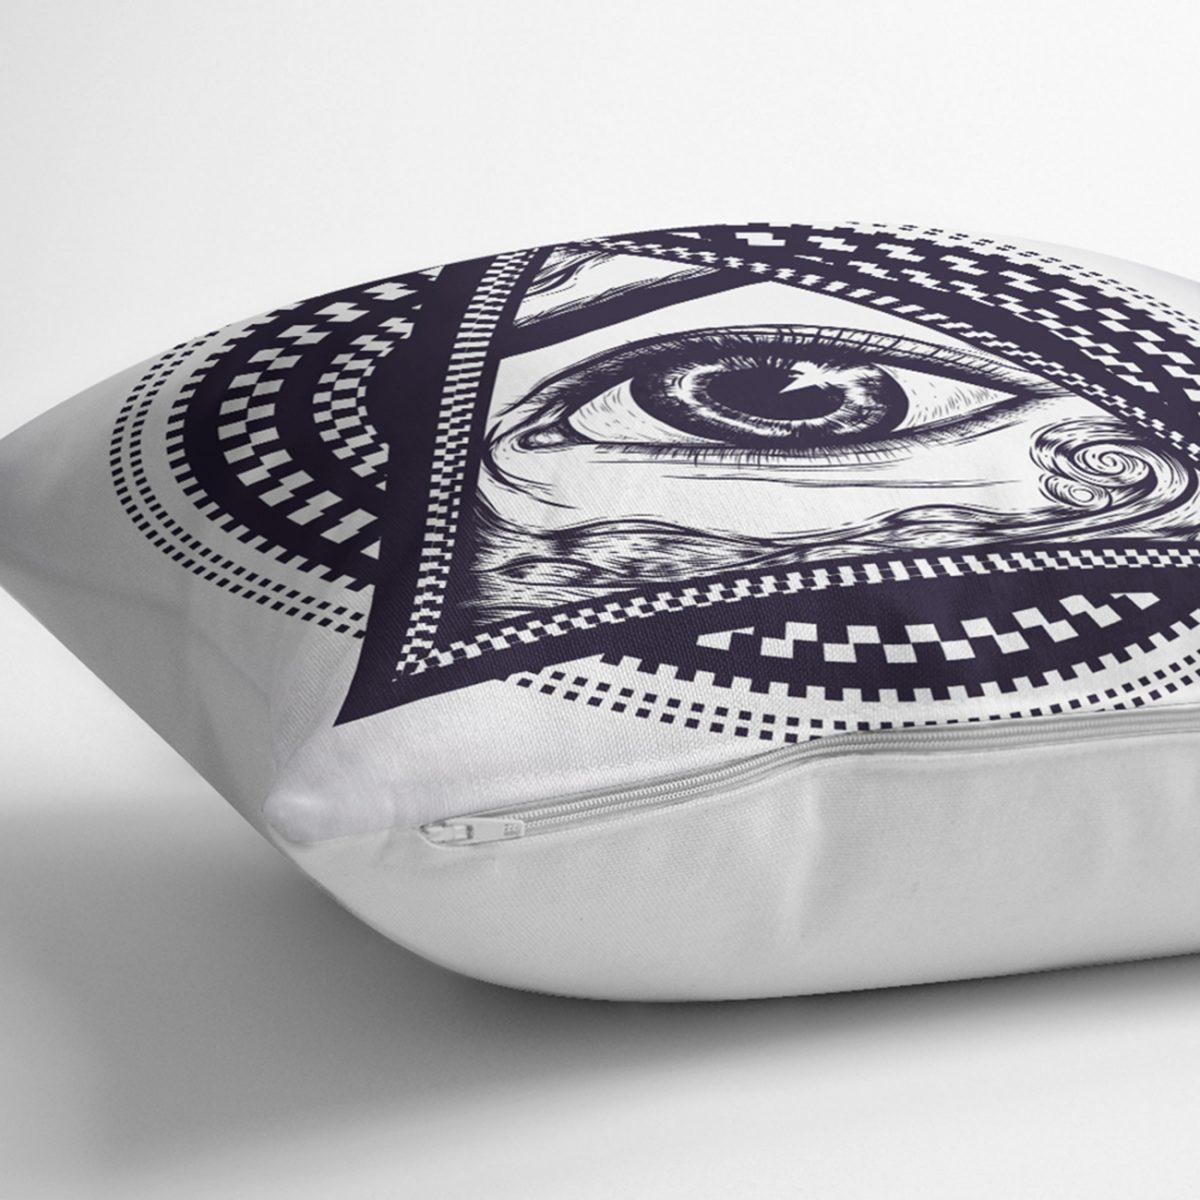 Beyaz Zeminde Lacivert Üçüncü Göz Dijital Baskılı Dekoratif Yastık Kırlent Kılıfı Realhomes